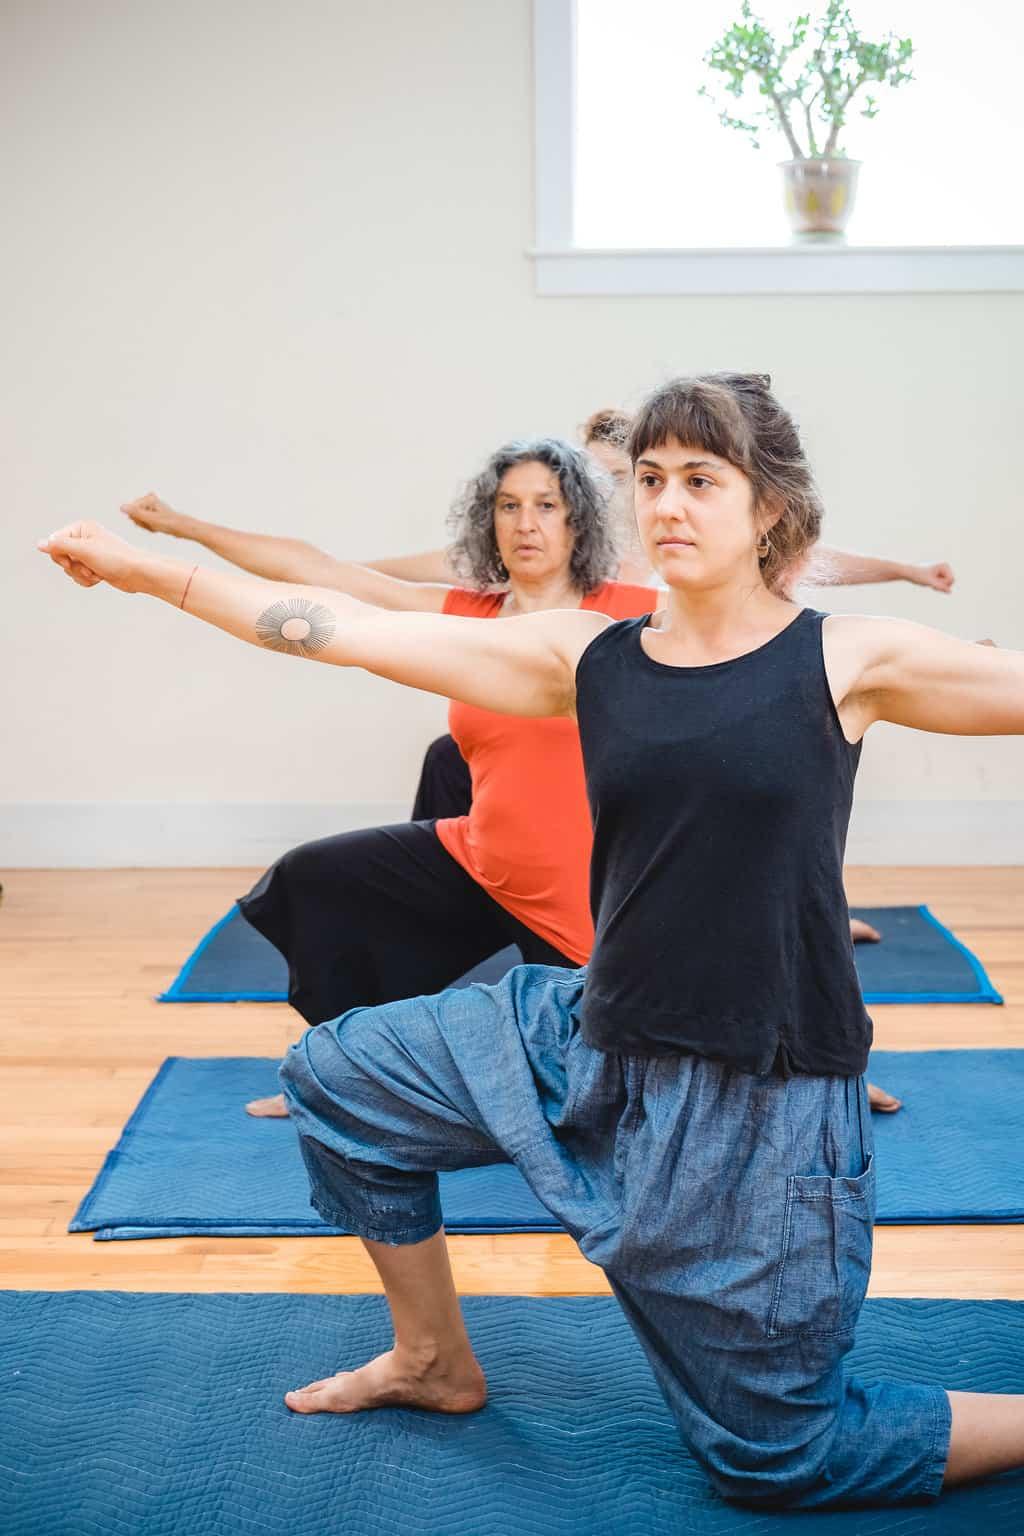 Feldenkrais Awareness Through Movement class